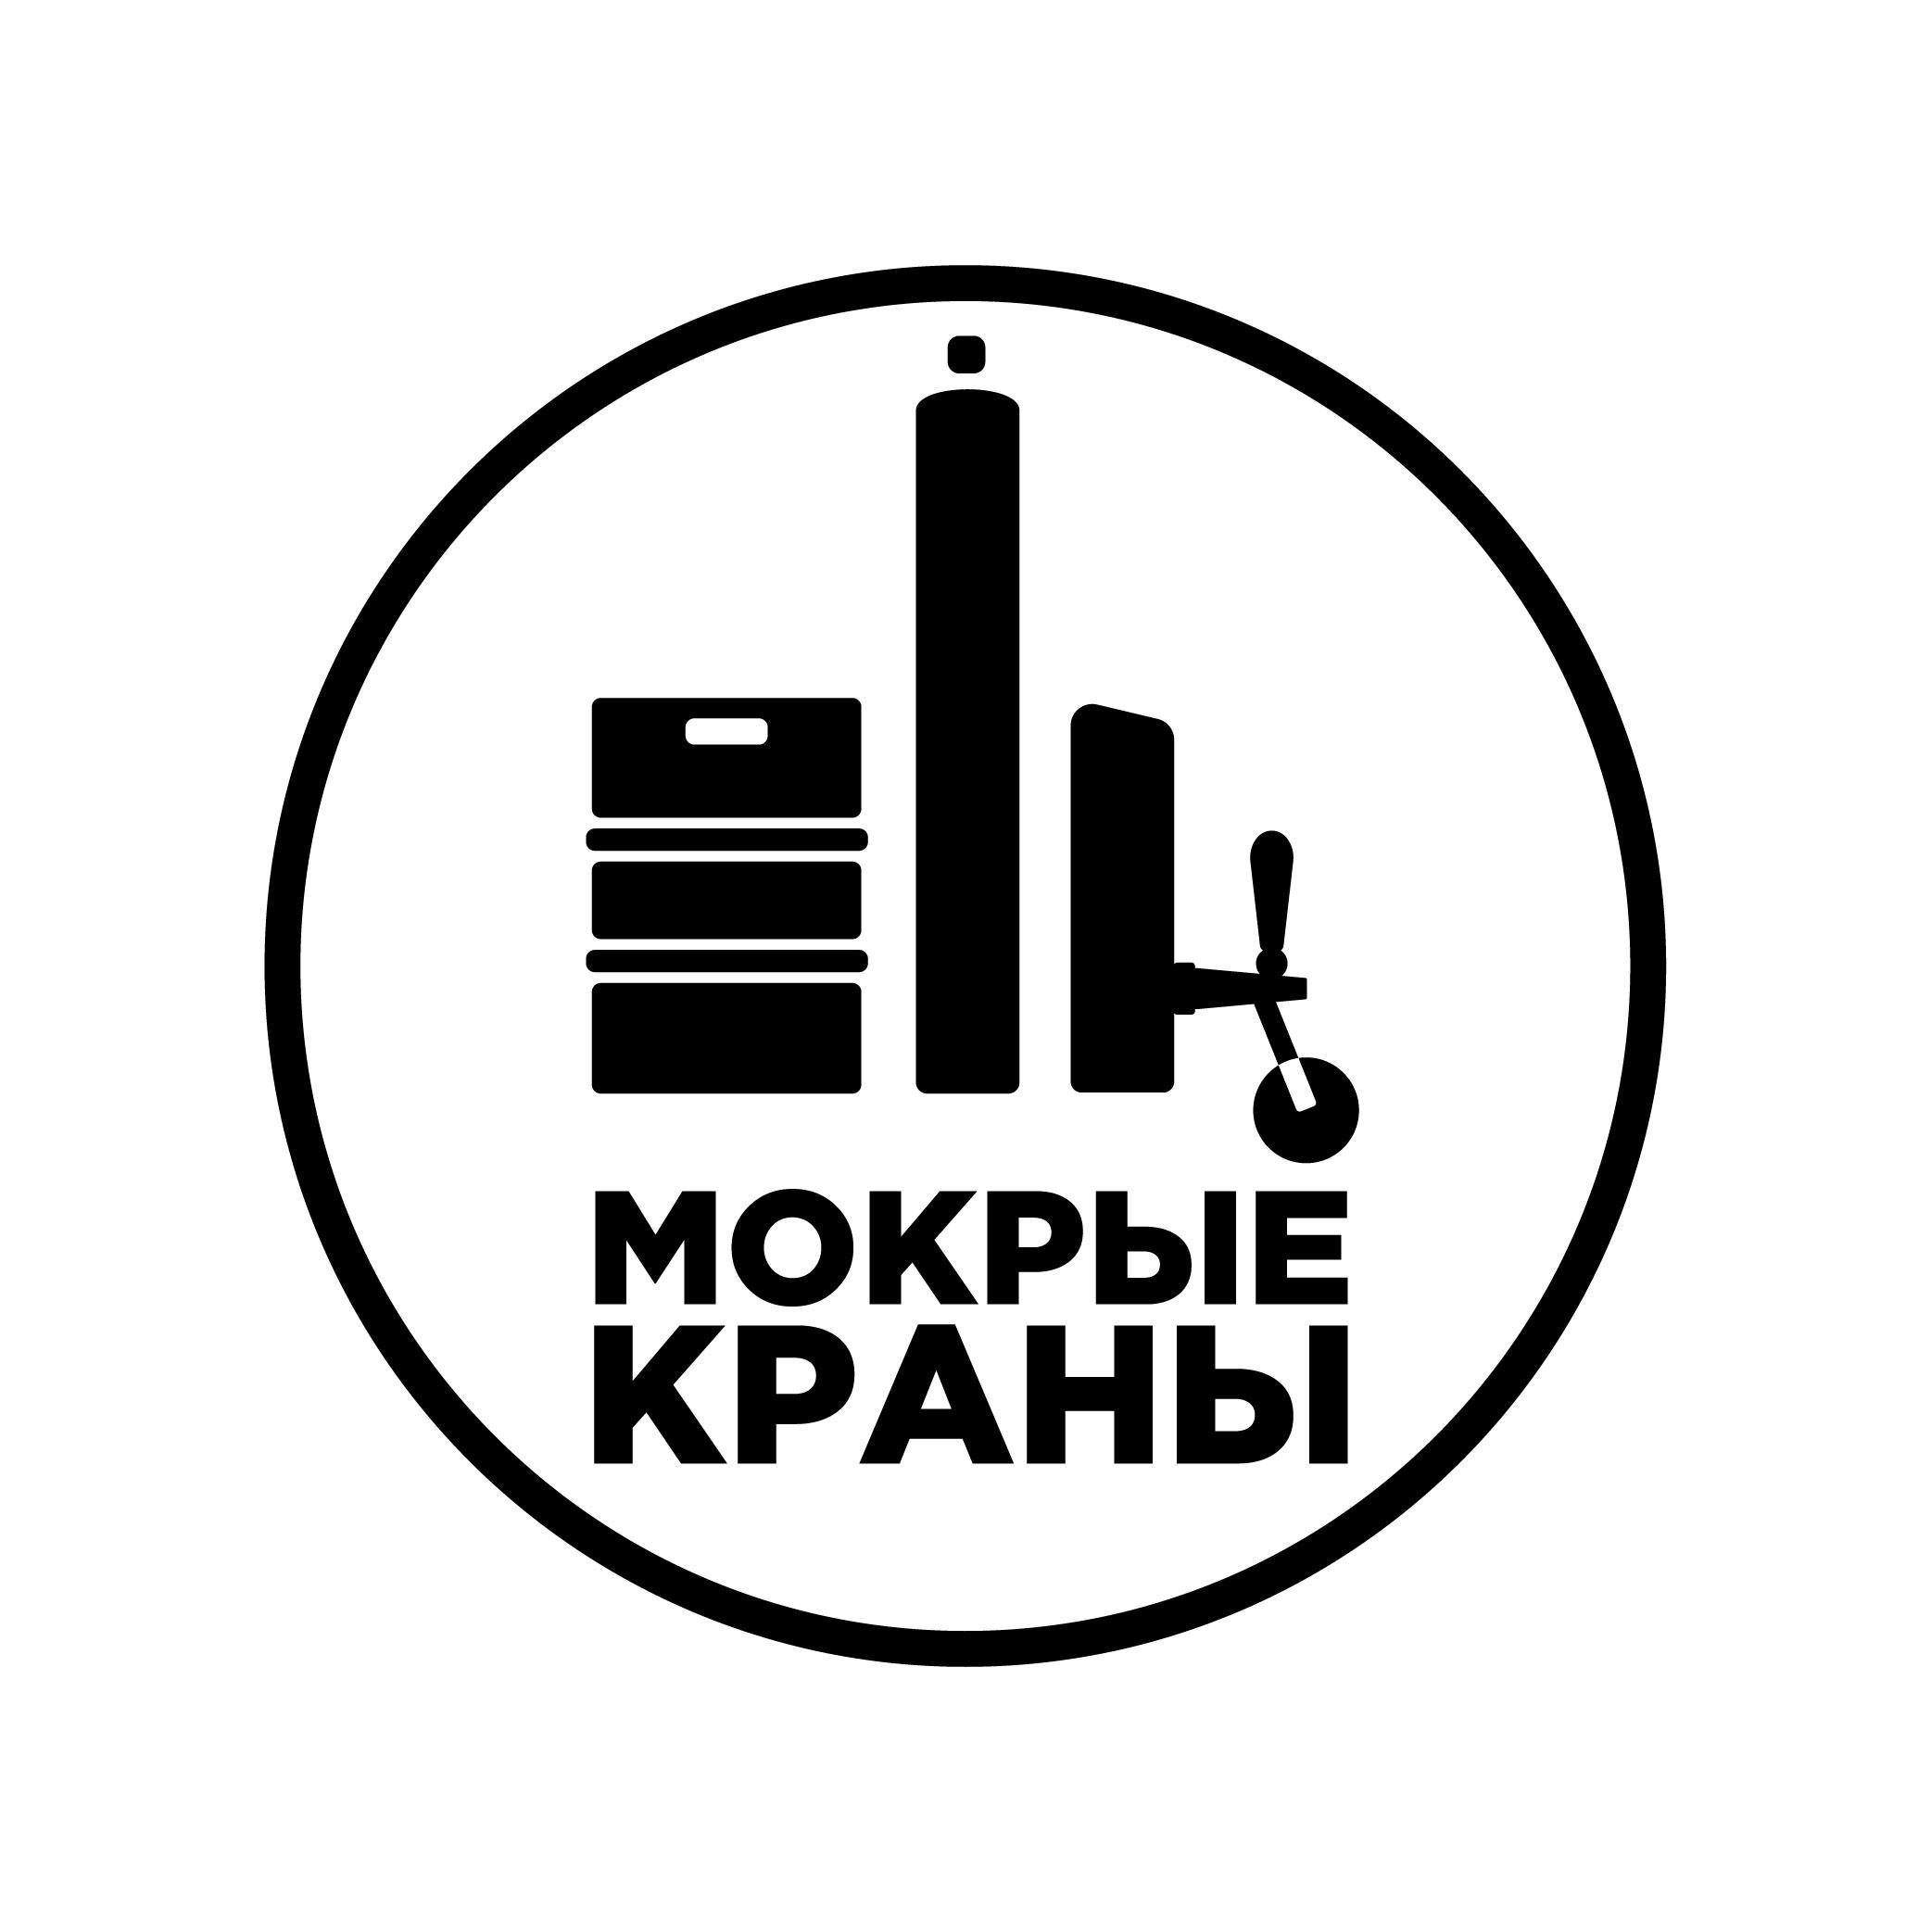 Вывеска/логотип для пивного магазина фото f_086602b3adfb0b84.jpg